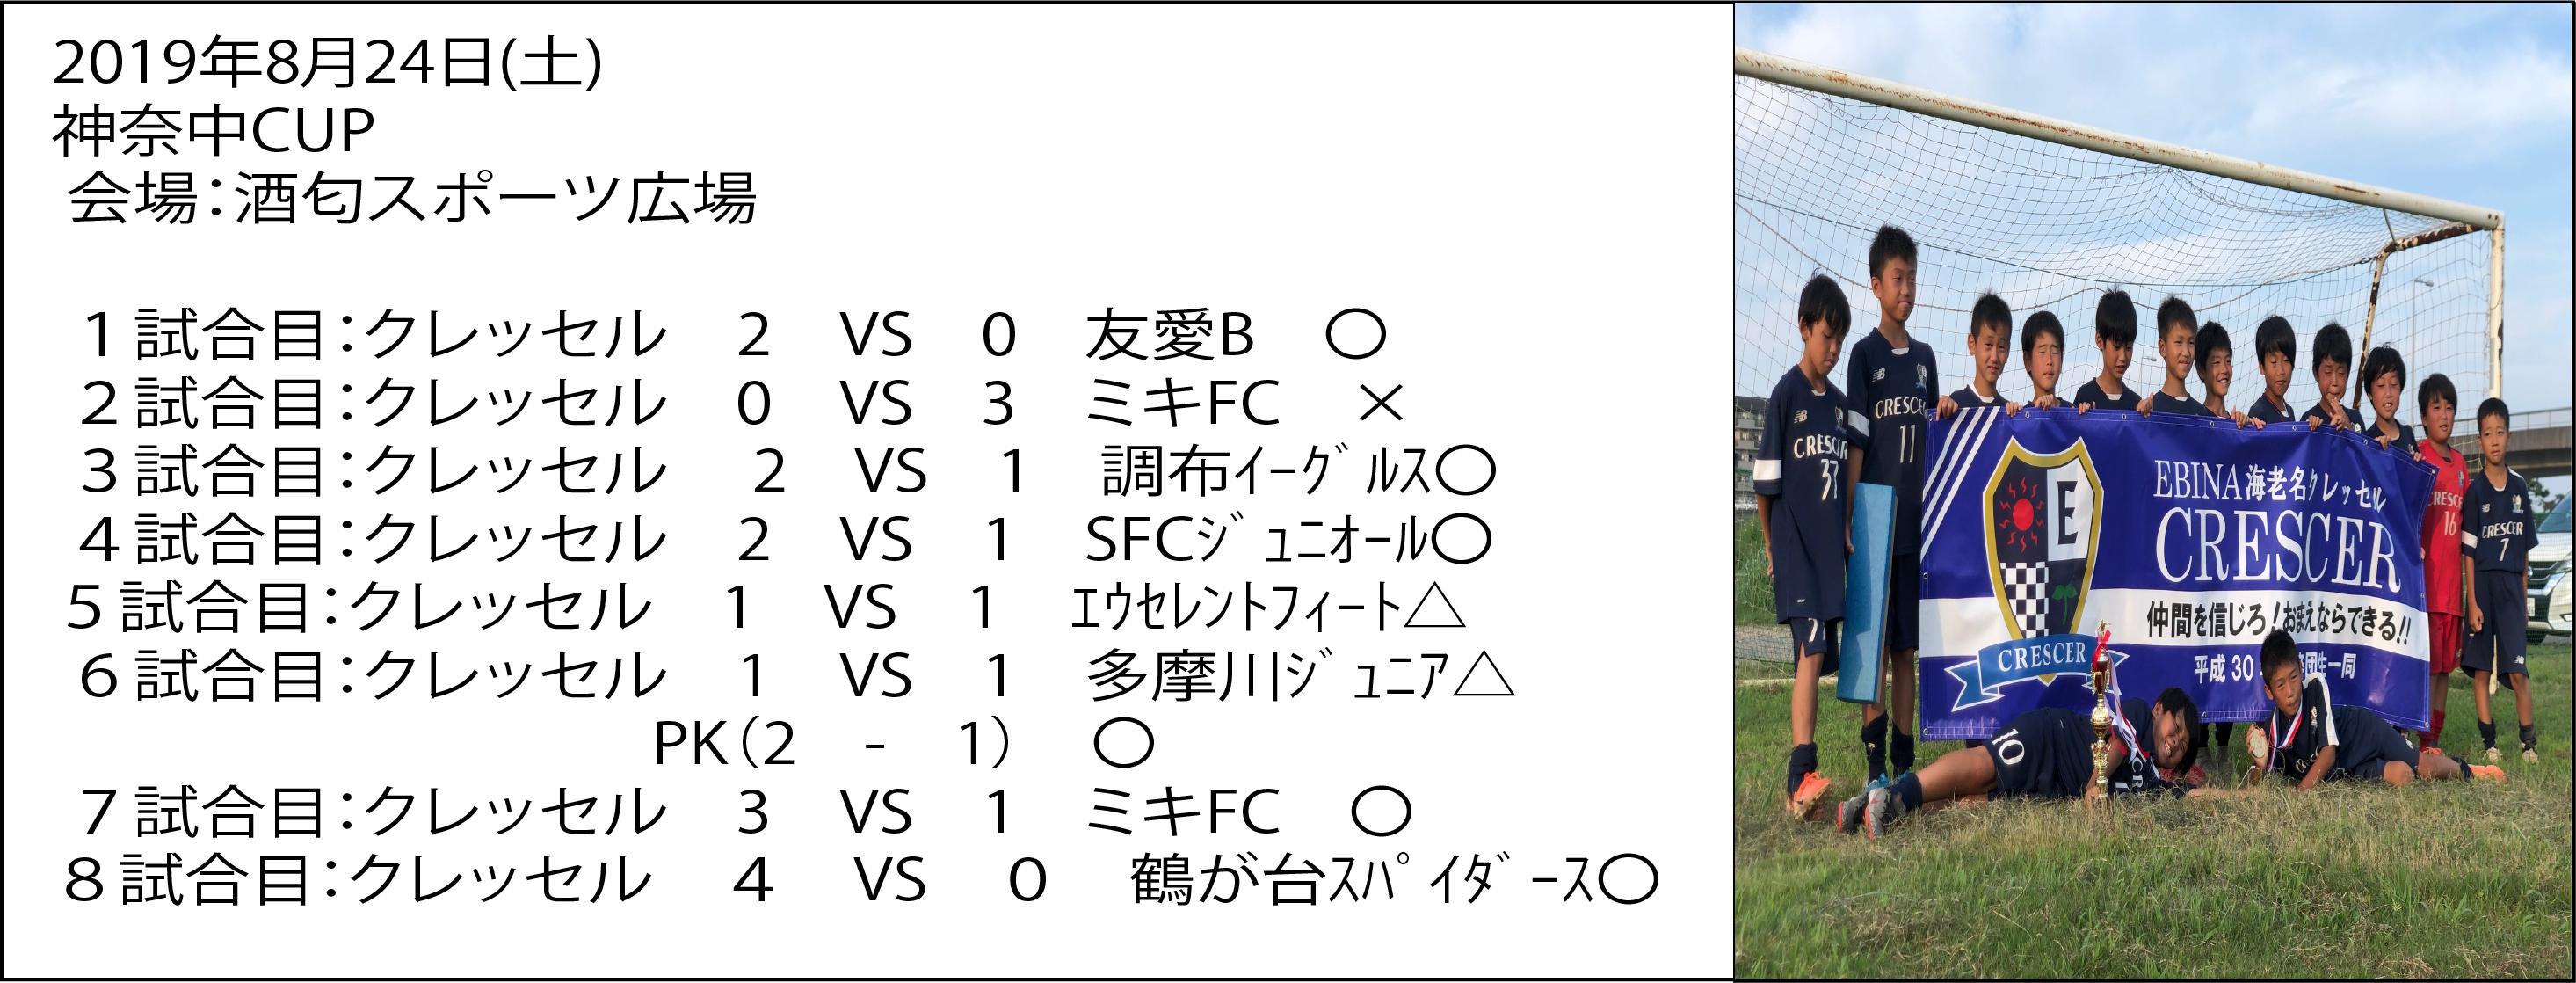 5年生 8月24日(土) 神奈中CUP